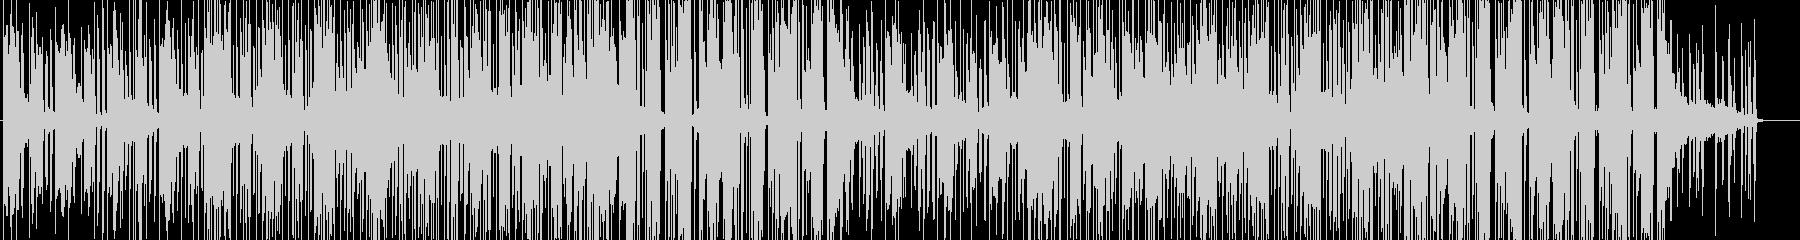 ネオシティポップなエレクトロダンスソウルの未再生の波形